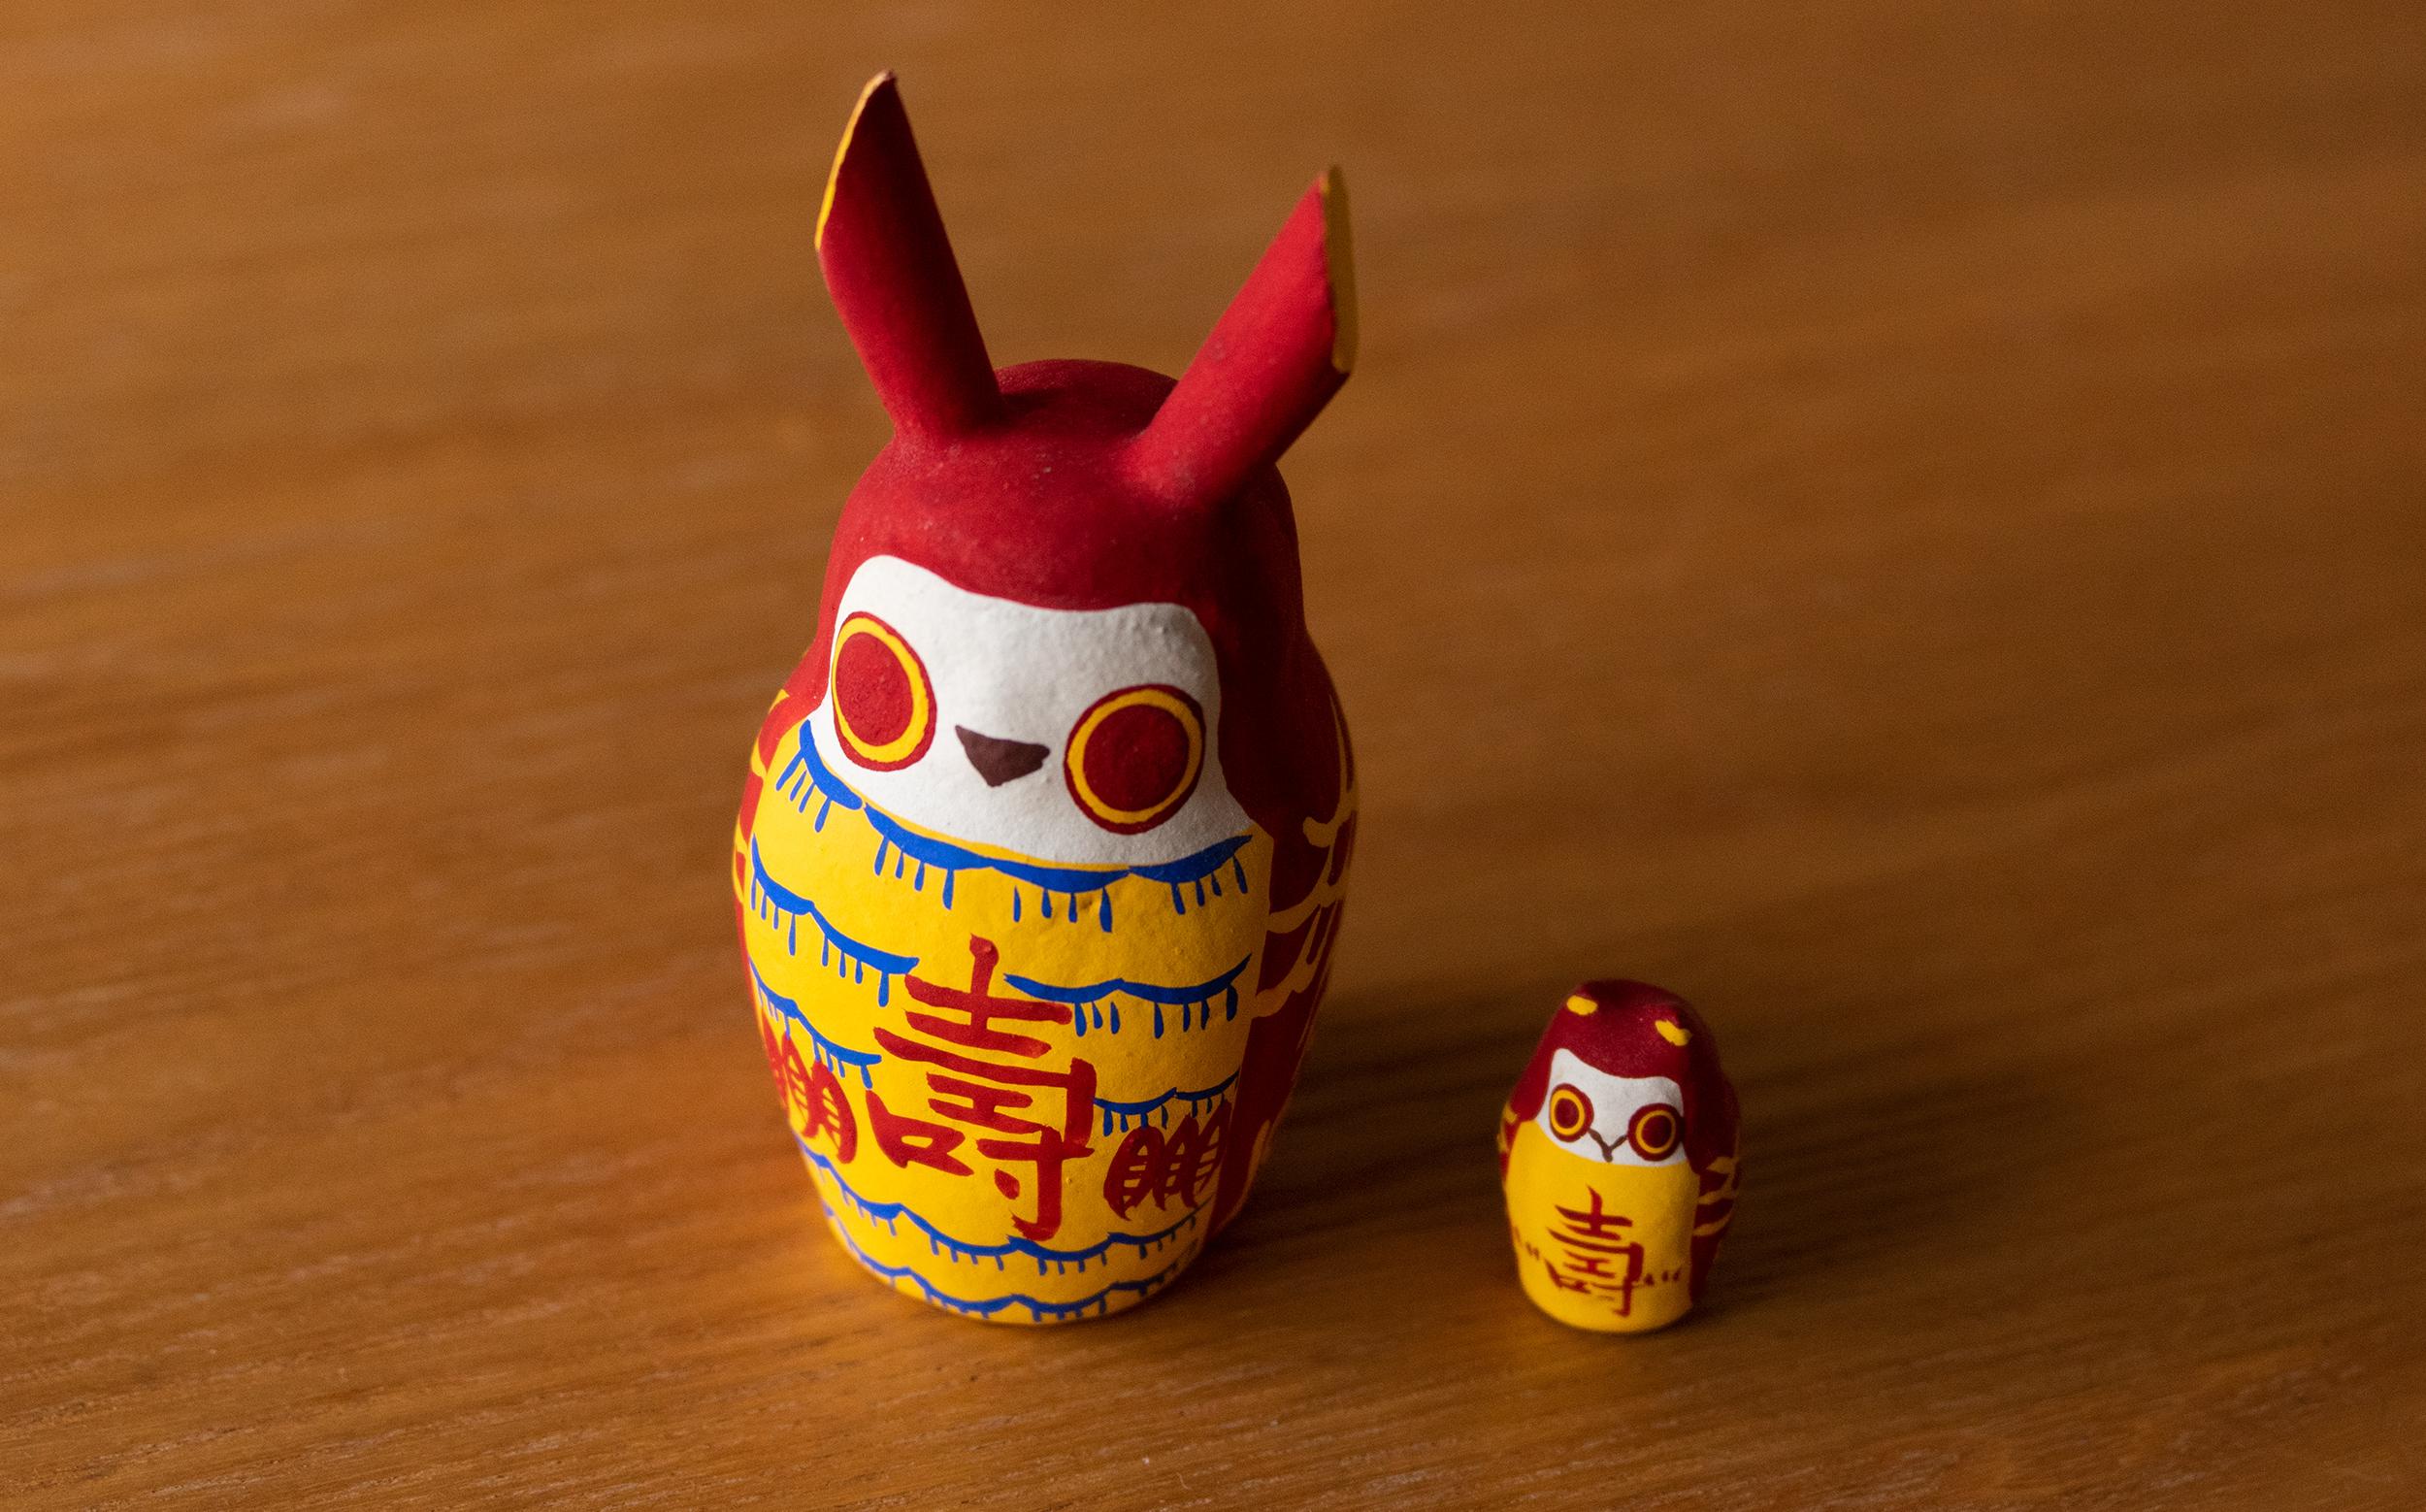 赤みみずく:江戸東京博物館蔵 歌川国芳の版画を玩具にしたもの